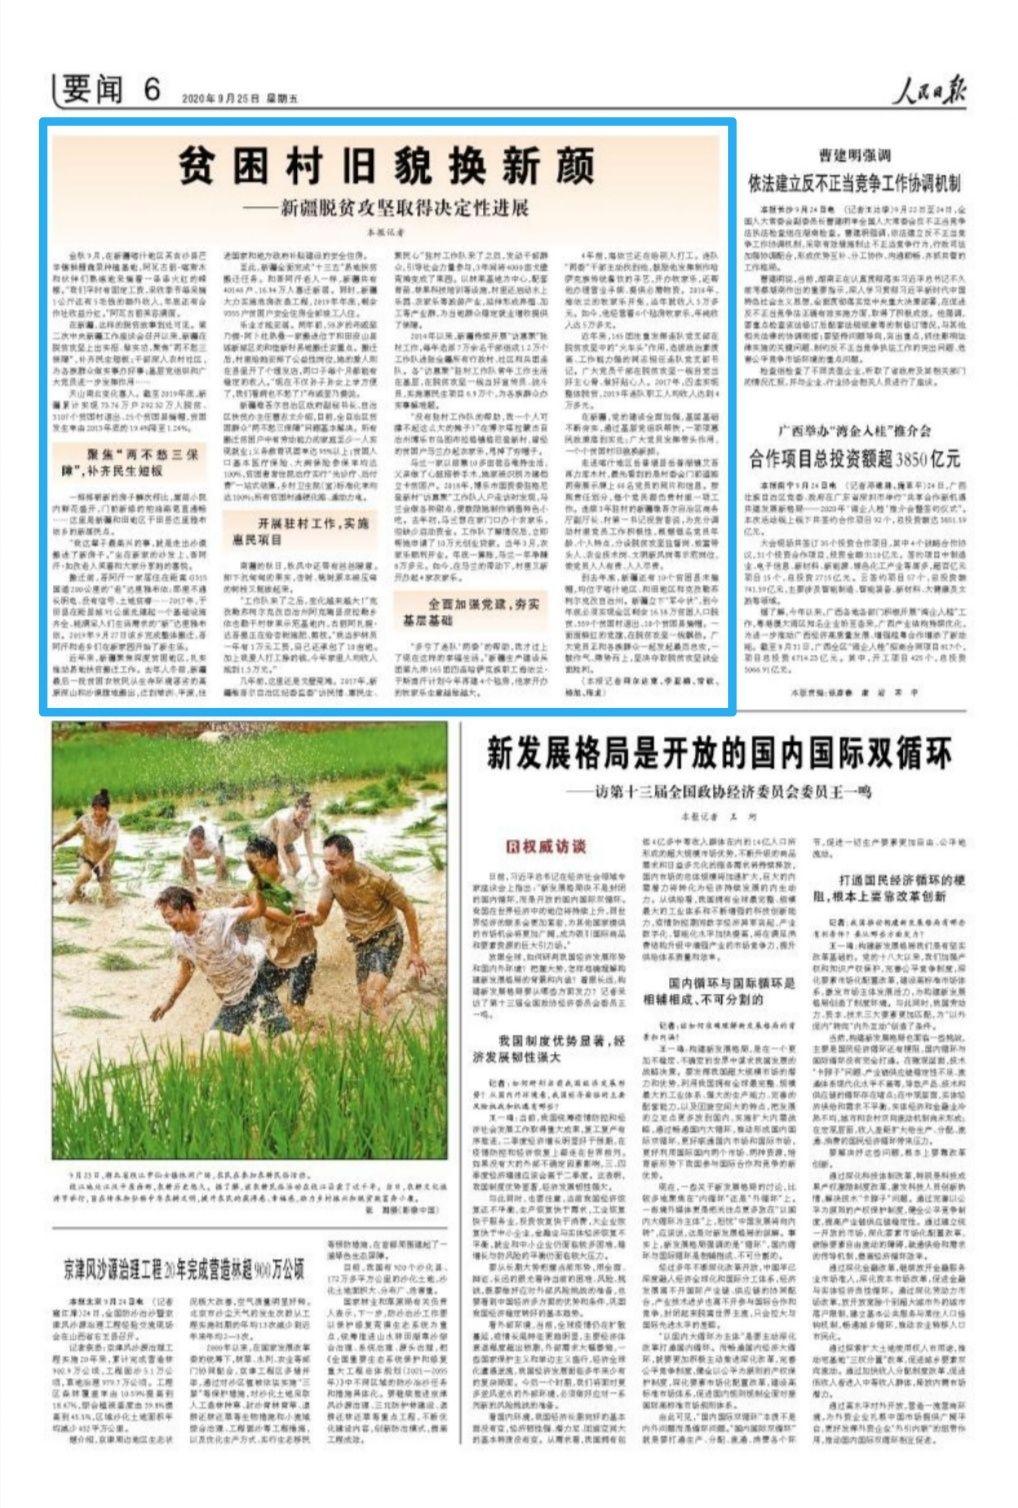 人民日报系列报道之四:贫困村旧貌换新颜